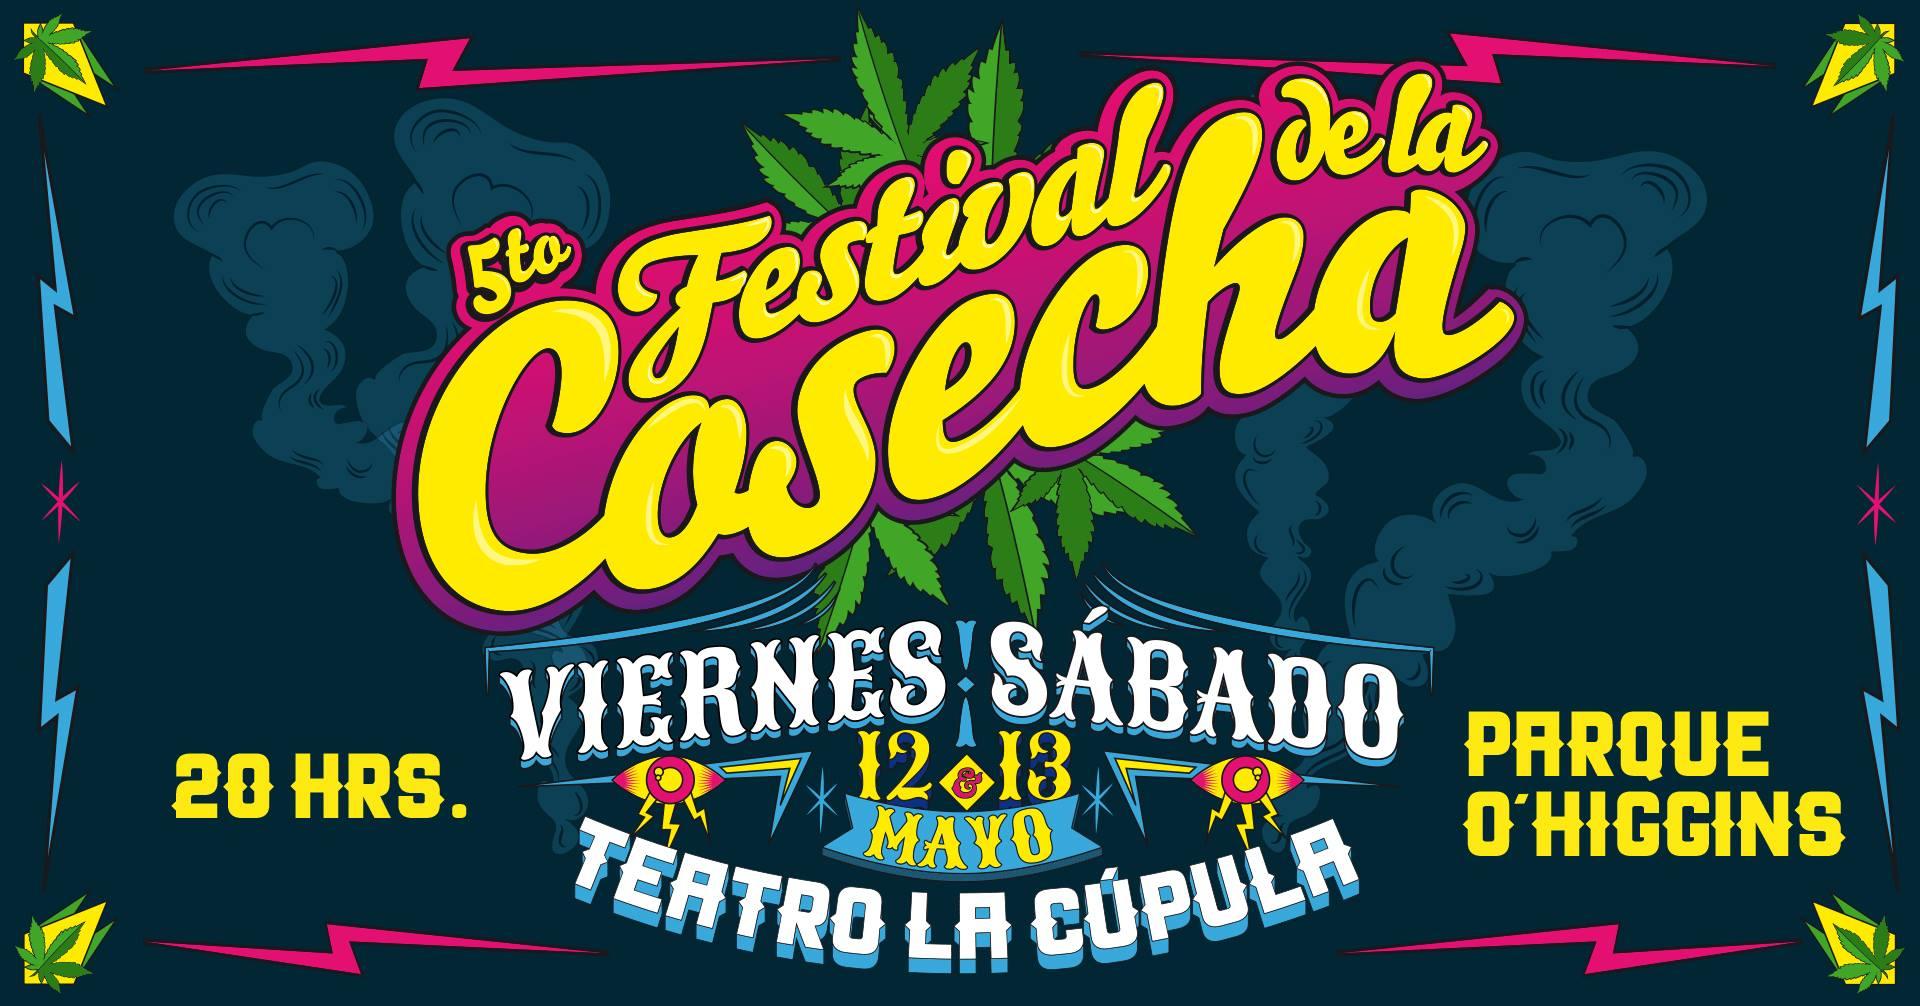 5to Festival de La Cosecha / 12 y 13 de mayo / Teatro La Cúpula del Parque O'Higgins